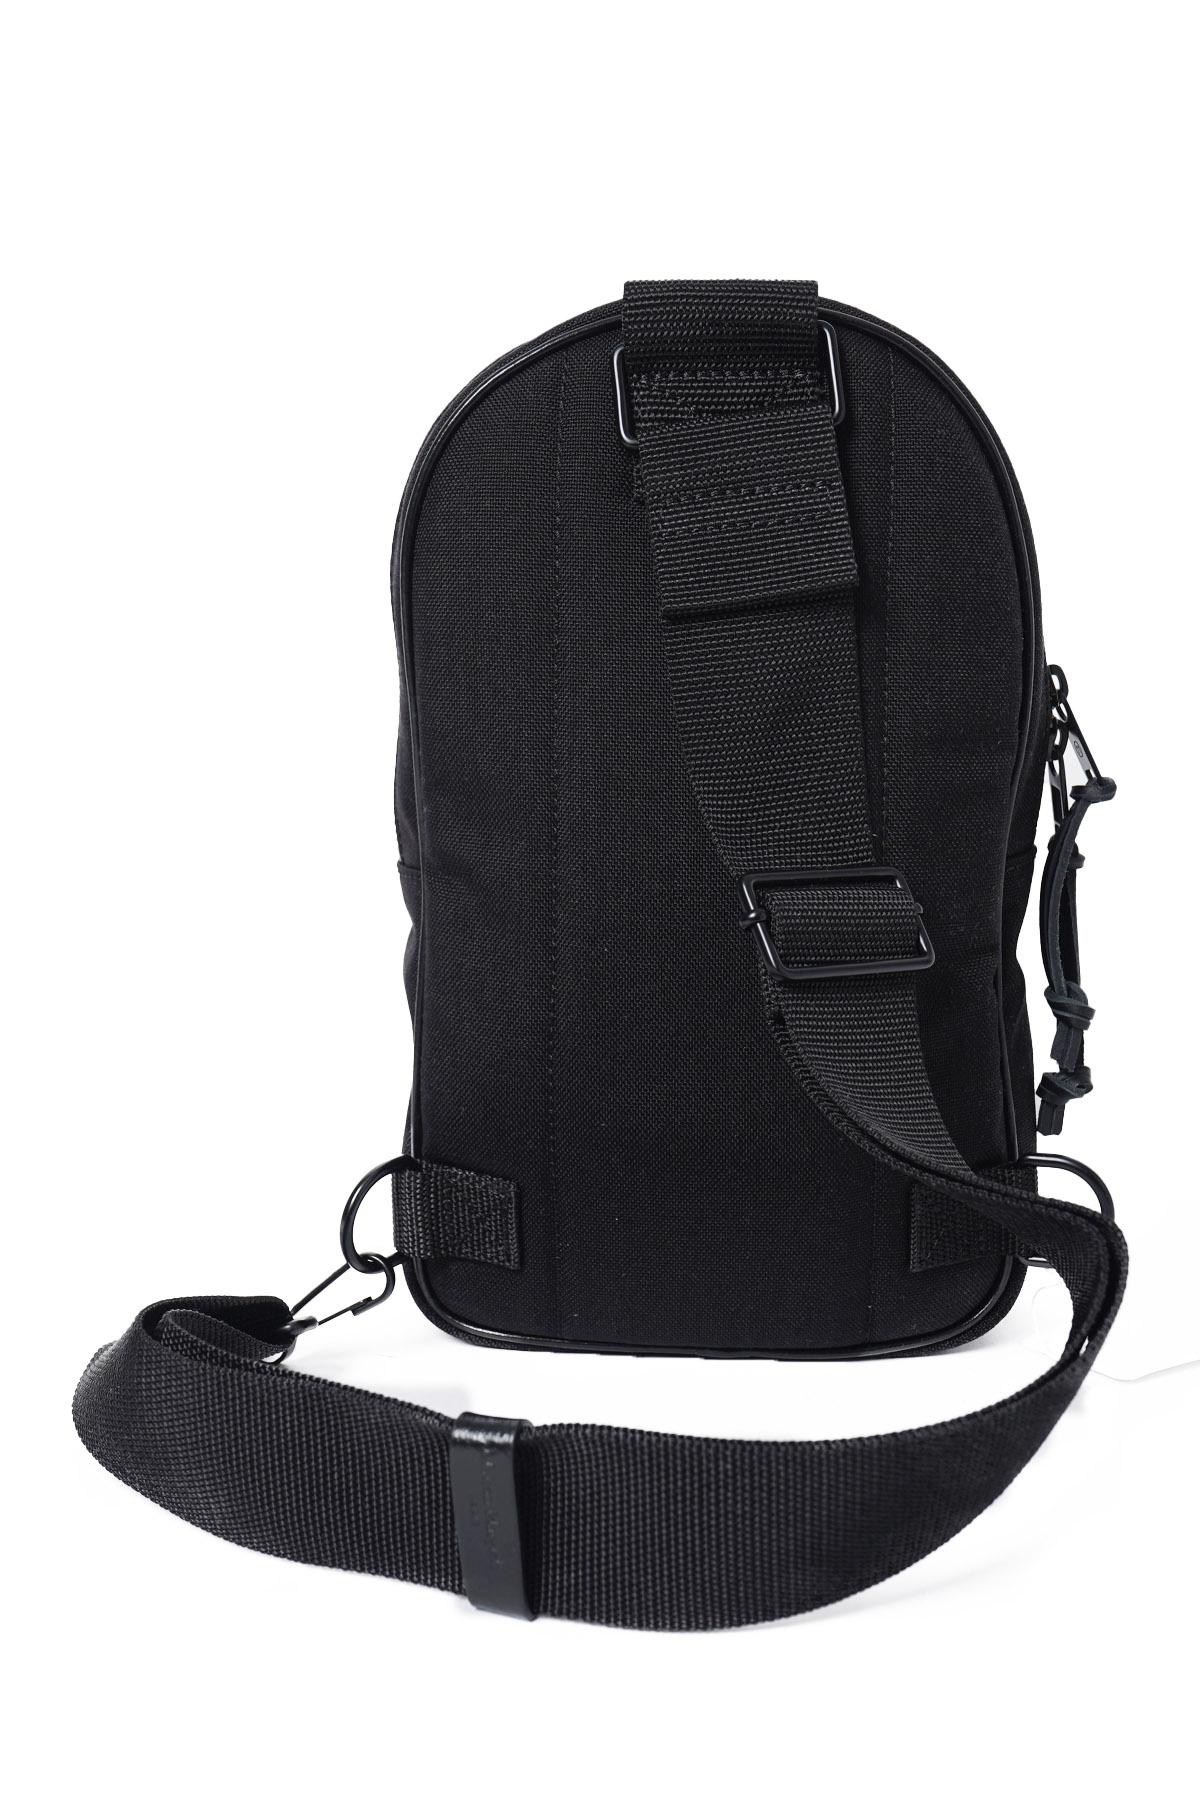 One Shoulder Bag[2021SS]